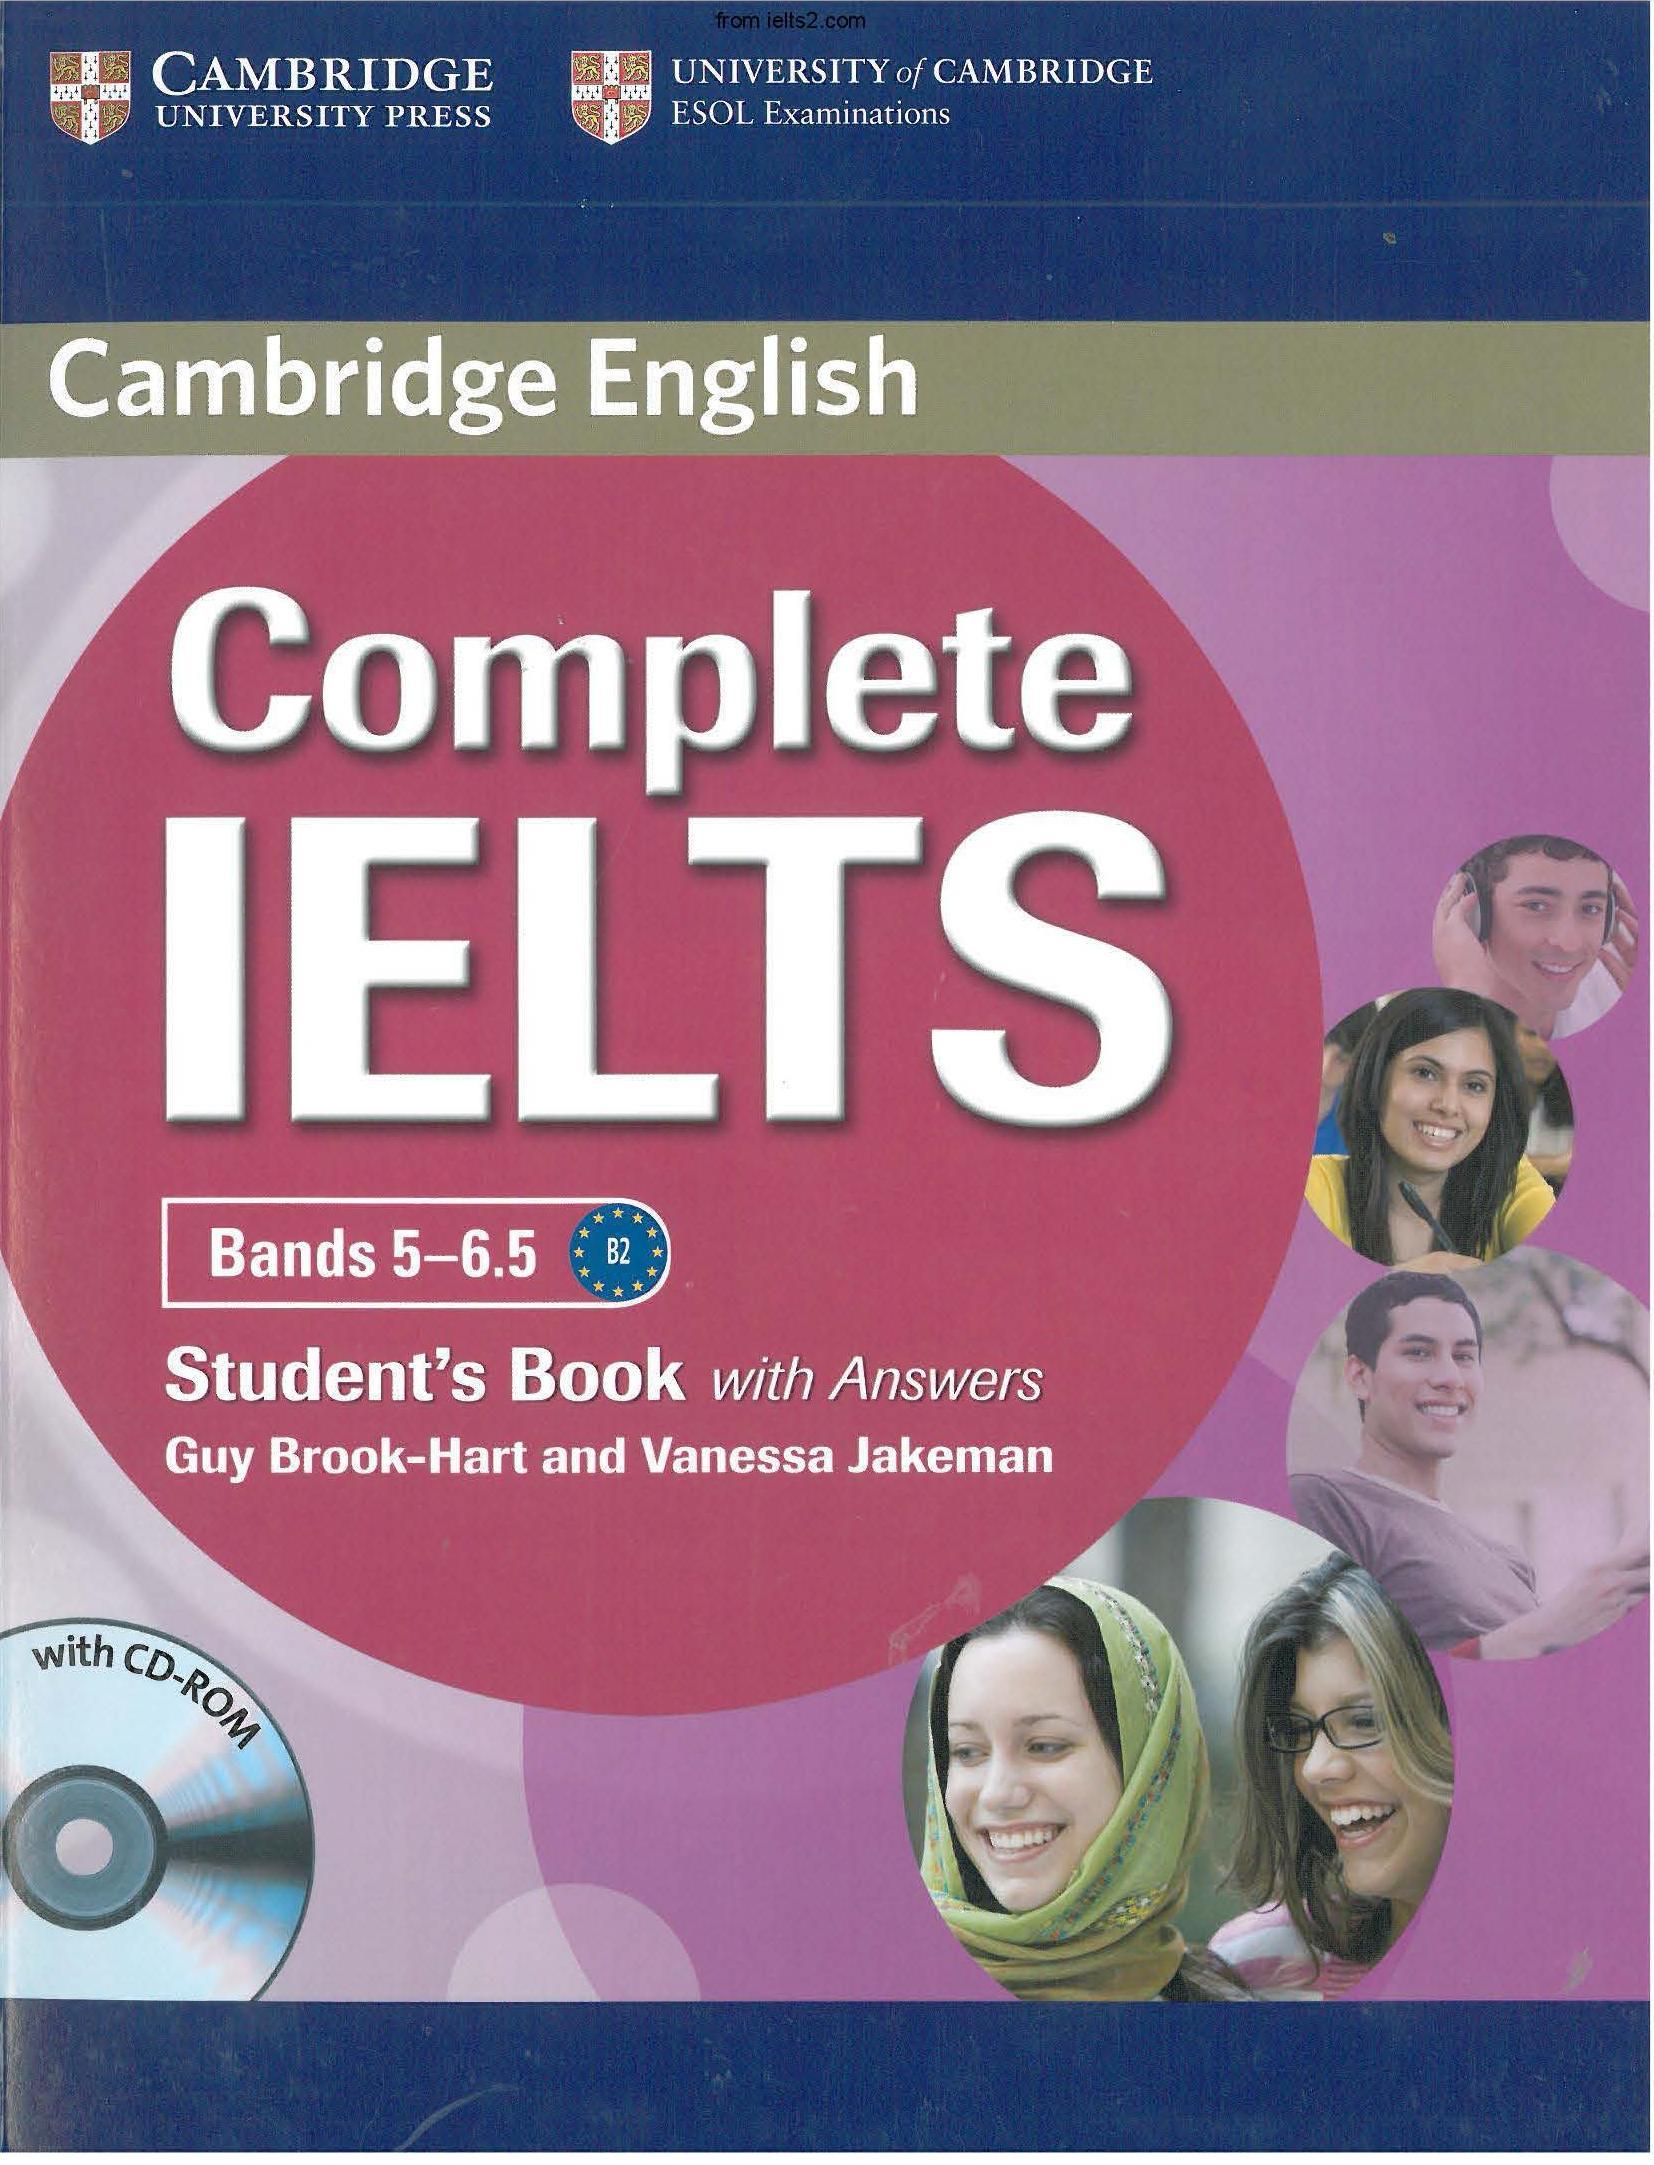 دانلود کتاب Complete IELTS Band 5 - 6.5 با کیفیت بالا